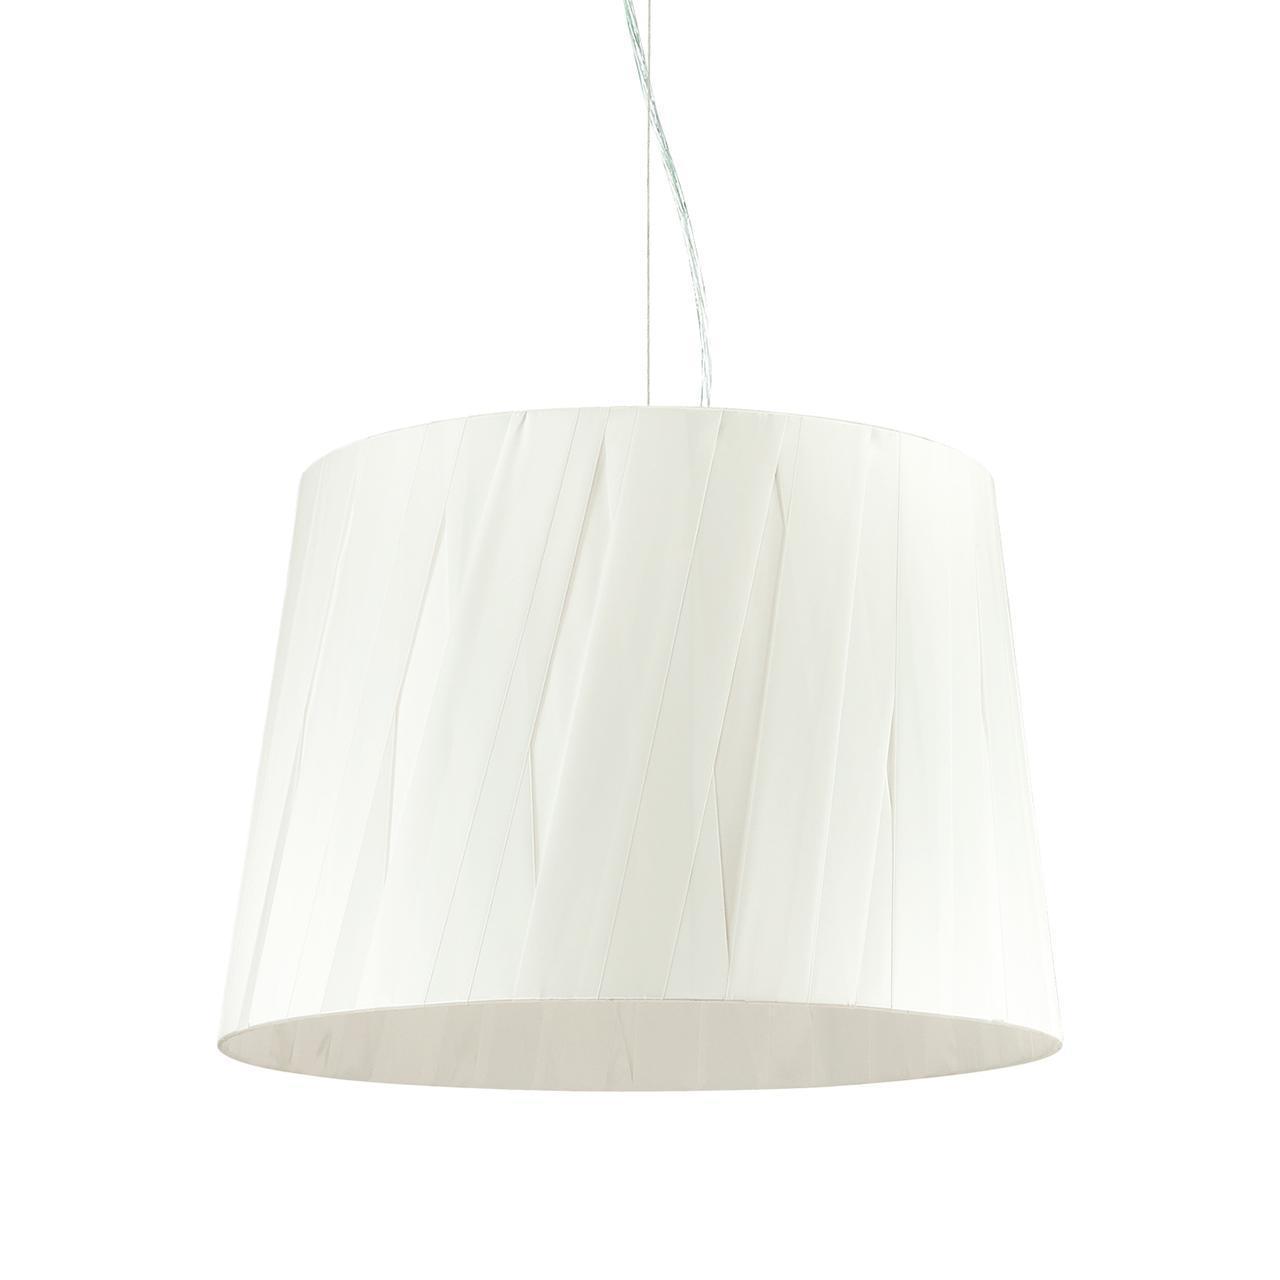 Подвесной светильник Ideal Lux Effetti SP5 подвесной светильник ideal lux bar sp5